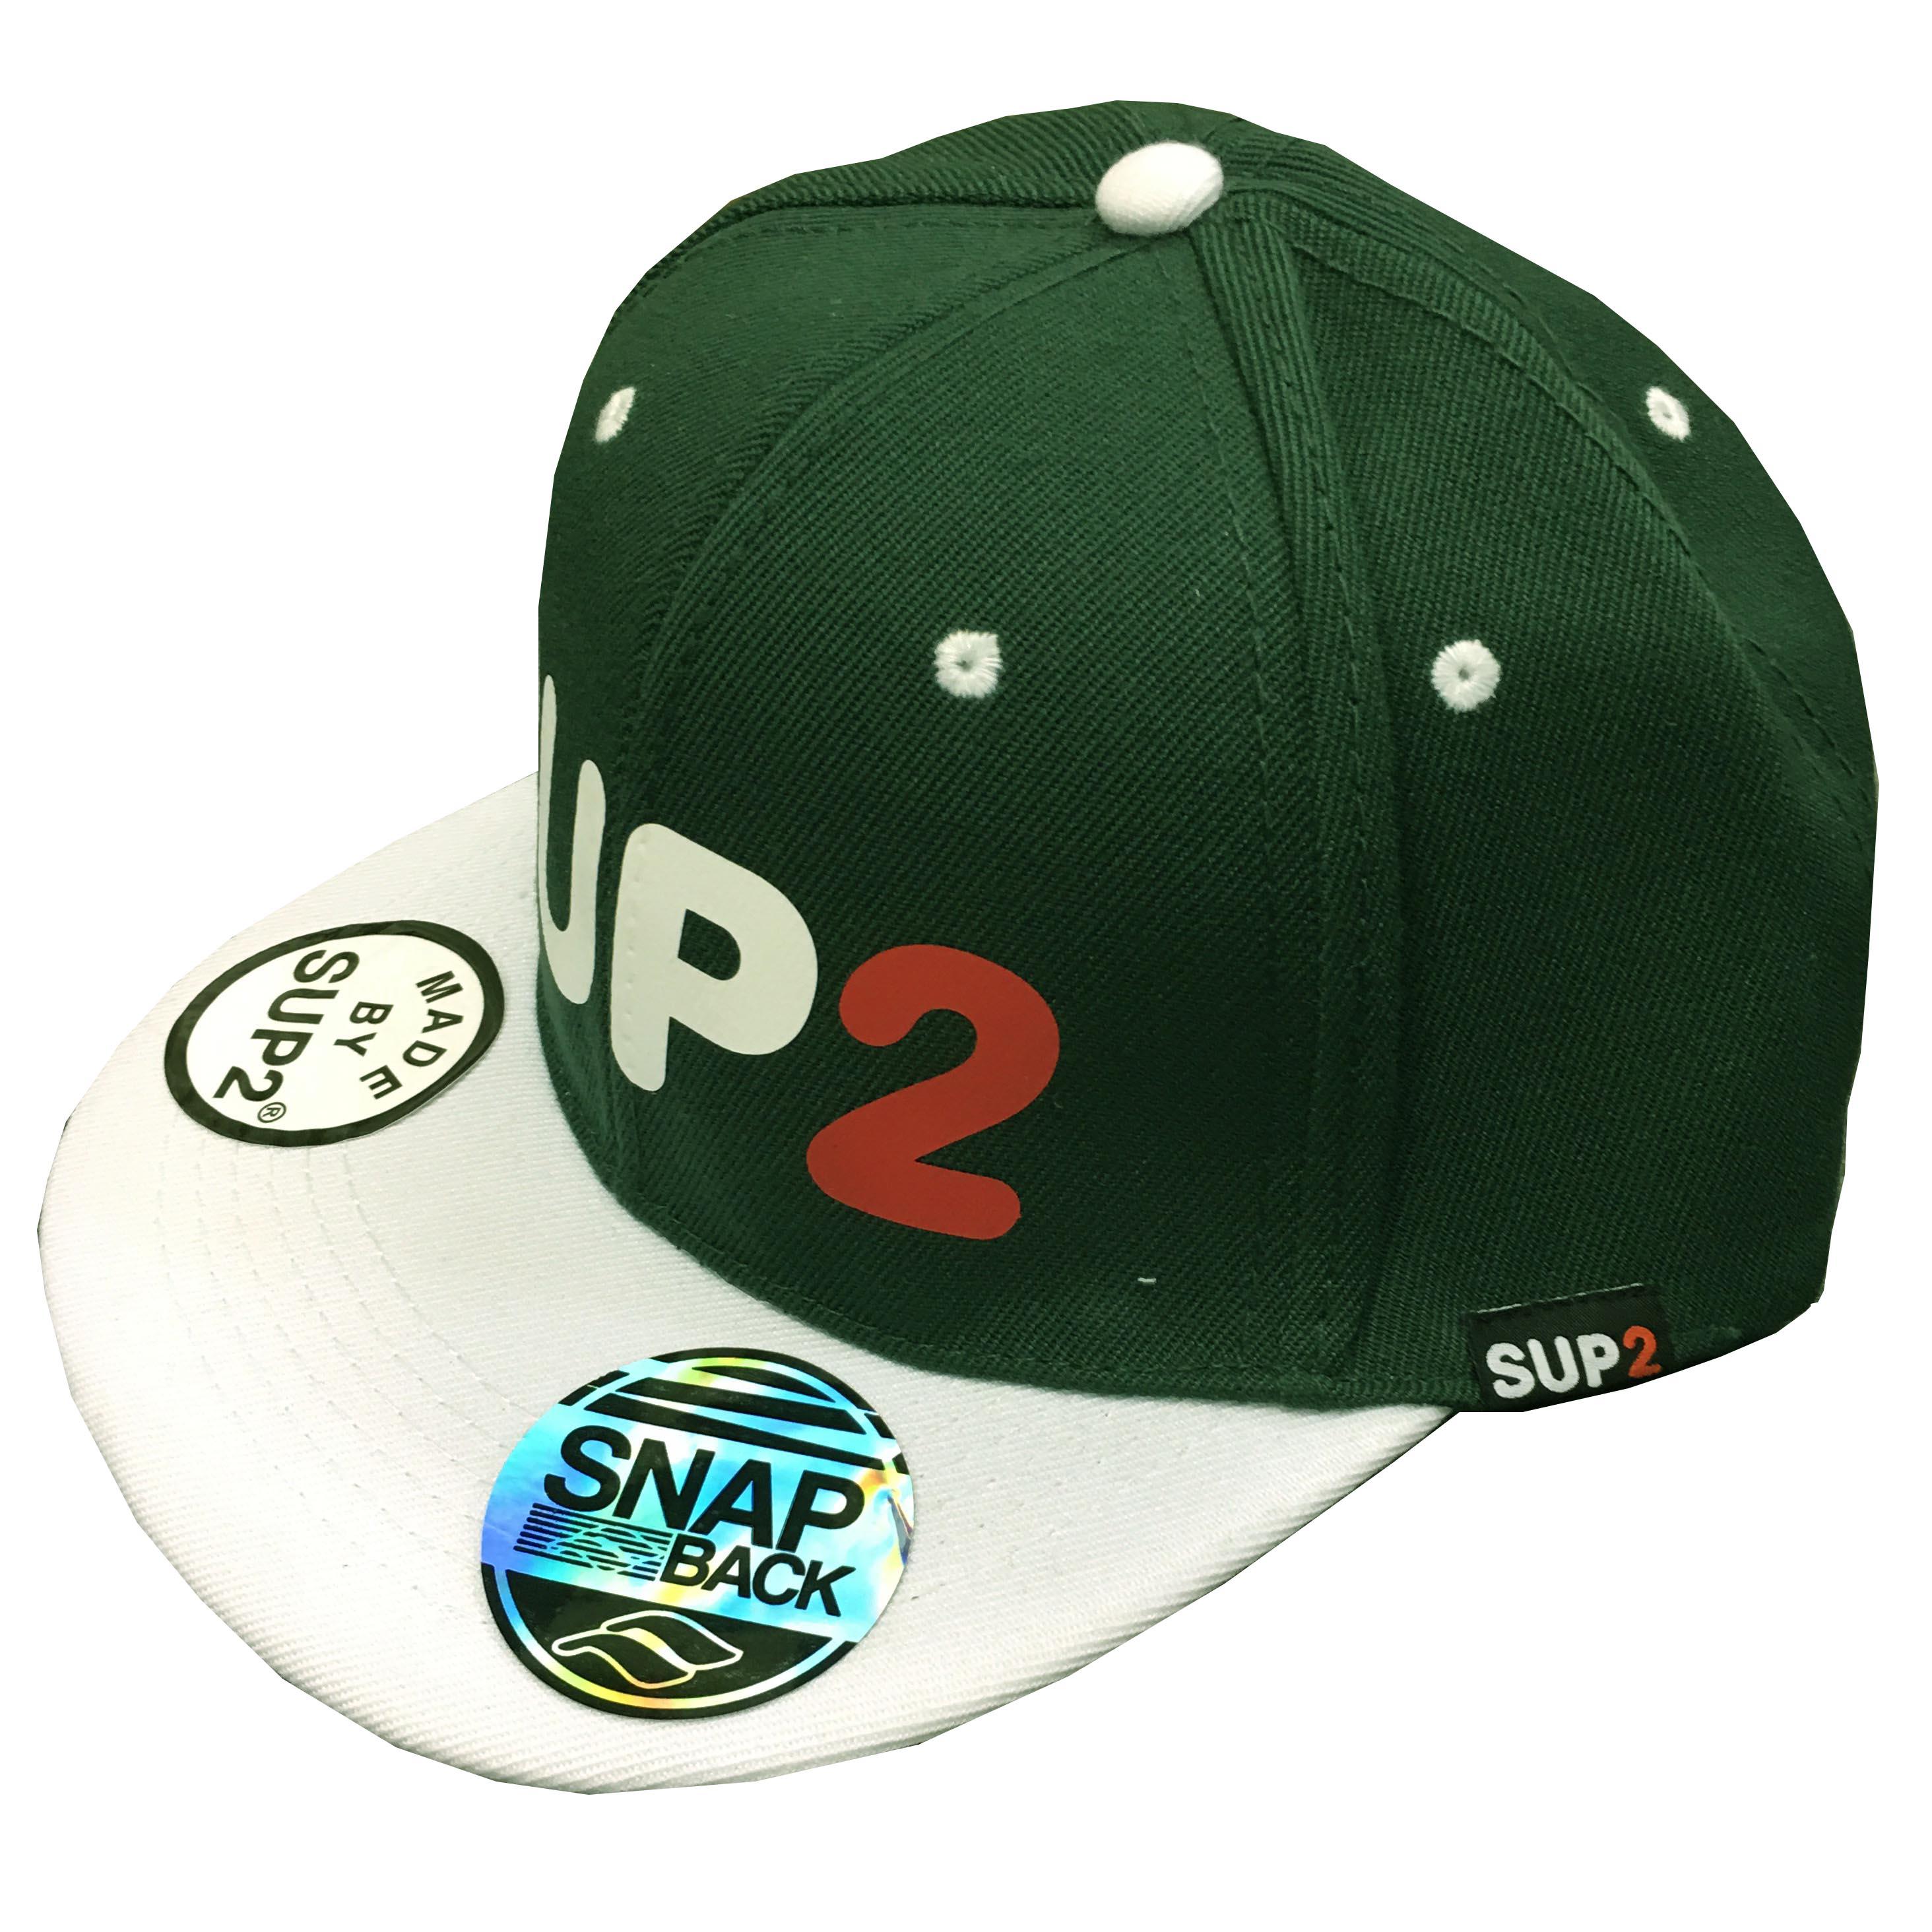 SUP2 フラットキャップ オリジナルロゴ グリーン×ホワイト